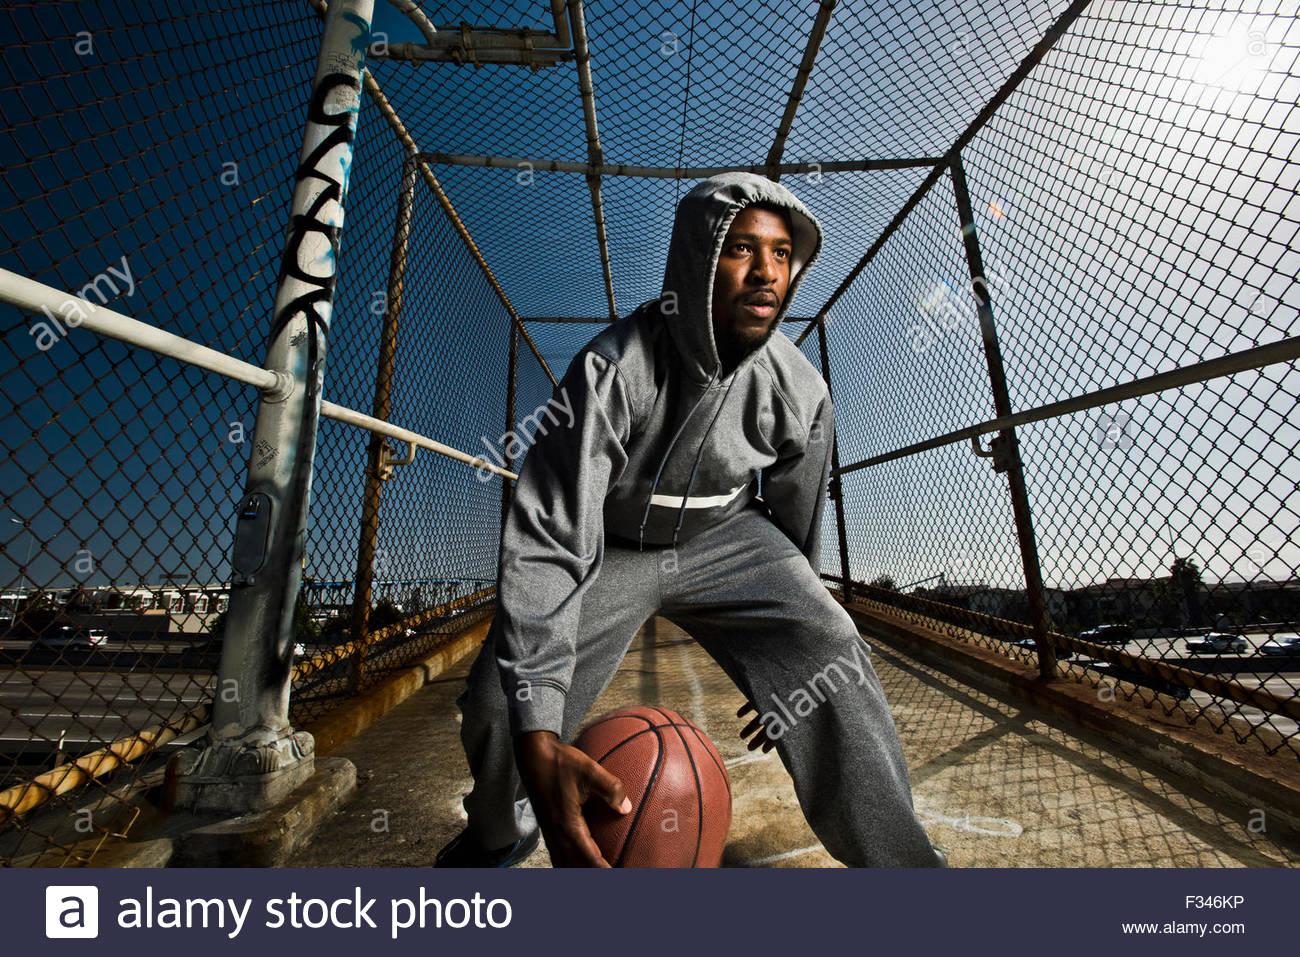 Un hombre joven jugando con una pelota de baloncesto. Imagen De Stock